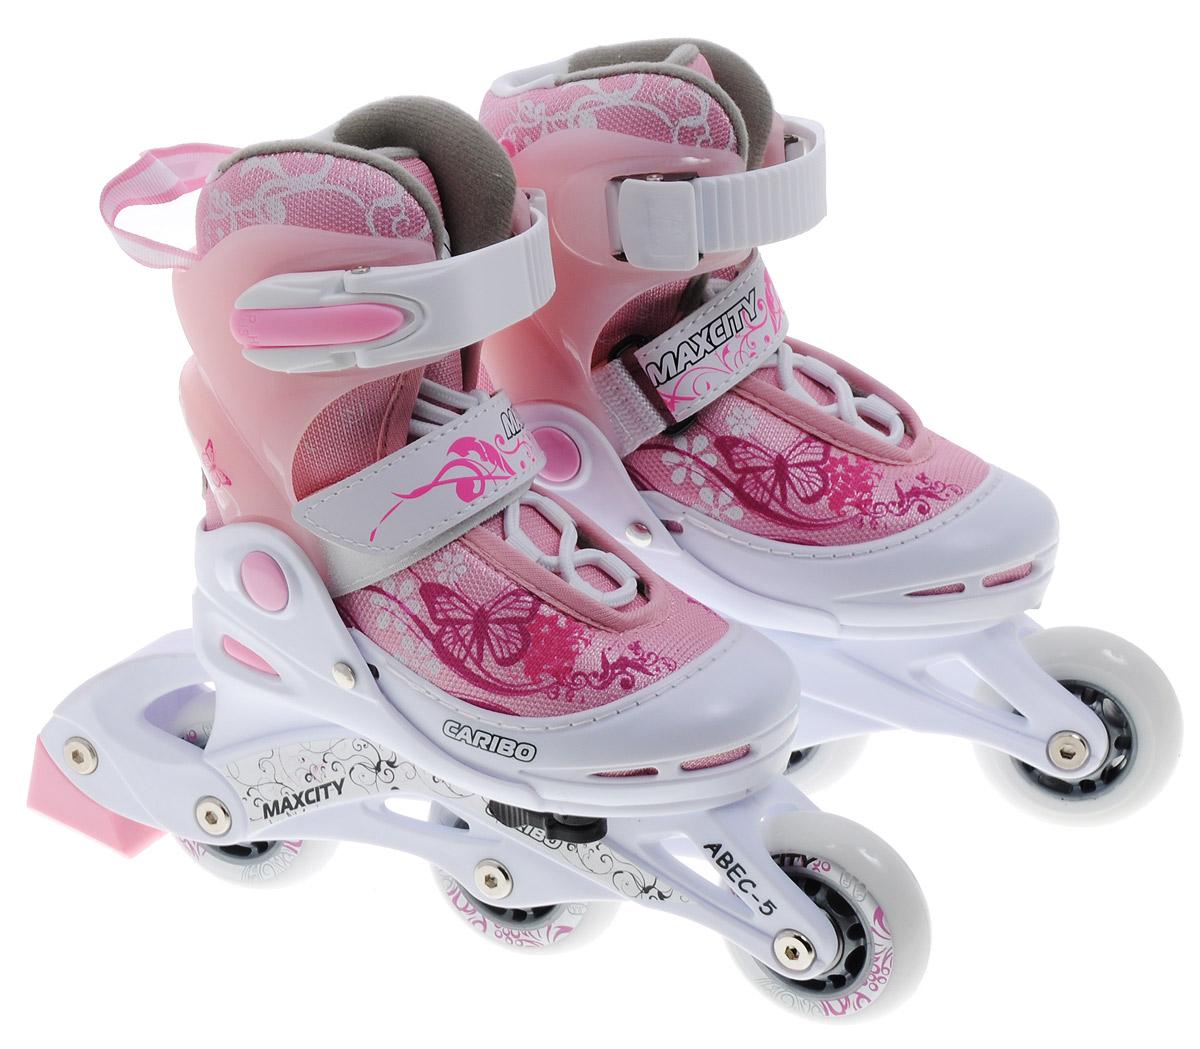 Комплект MaxCity Caribo Combo Girl: коньки роликовые раздвижные, защита, шлем, цвет: розовый, белый. Размер 30/33CARIBOСтильный комплект Caribo Combo от MaxCity состоит из раздвижных роликовых коньков, шлема и защиты (наколенники, налокотники, защита запястий) и оформлен ярким оригинальным принтом. Комплект предназначен для детей и начинающих роллеров. Ботинок конька изготовлен из комбинированных синтетических и полимерных материалов, обеспечивающих максимальную вентиляцию ноги. Анатомически облегченная конструкция ботинка из пластика обеспечивает улучшенную боковую поддержку и полный контроль над движением. Подкладка из мягкого текстиля комфортна при езде. Стелька Hi Dri из ЭВА с бактериальным покрытием обеспечивает комфорт, амортизацию и предотвращает появление запаха. Классическая шнуровка обеспечивает отличную фиксацию на ноге. Также модель оснащена ремешком с липучкой на подъеме и на голенище - клипсой с фиксатором. Пластиковая рама почти не уступает в прочности металлической, но амортизирует не только усилие ноги, но и неровности дорожного покрытия, и не позволяет быстро разгоняться. Мягкие...